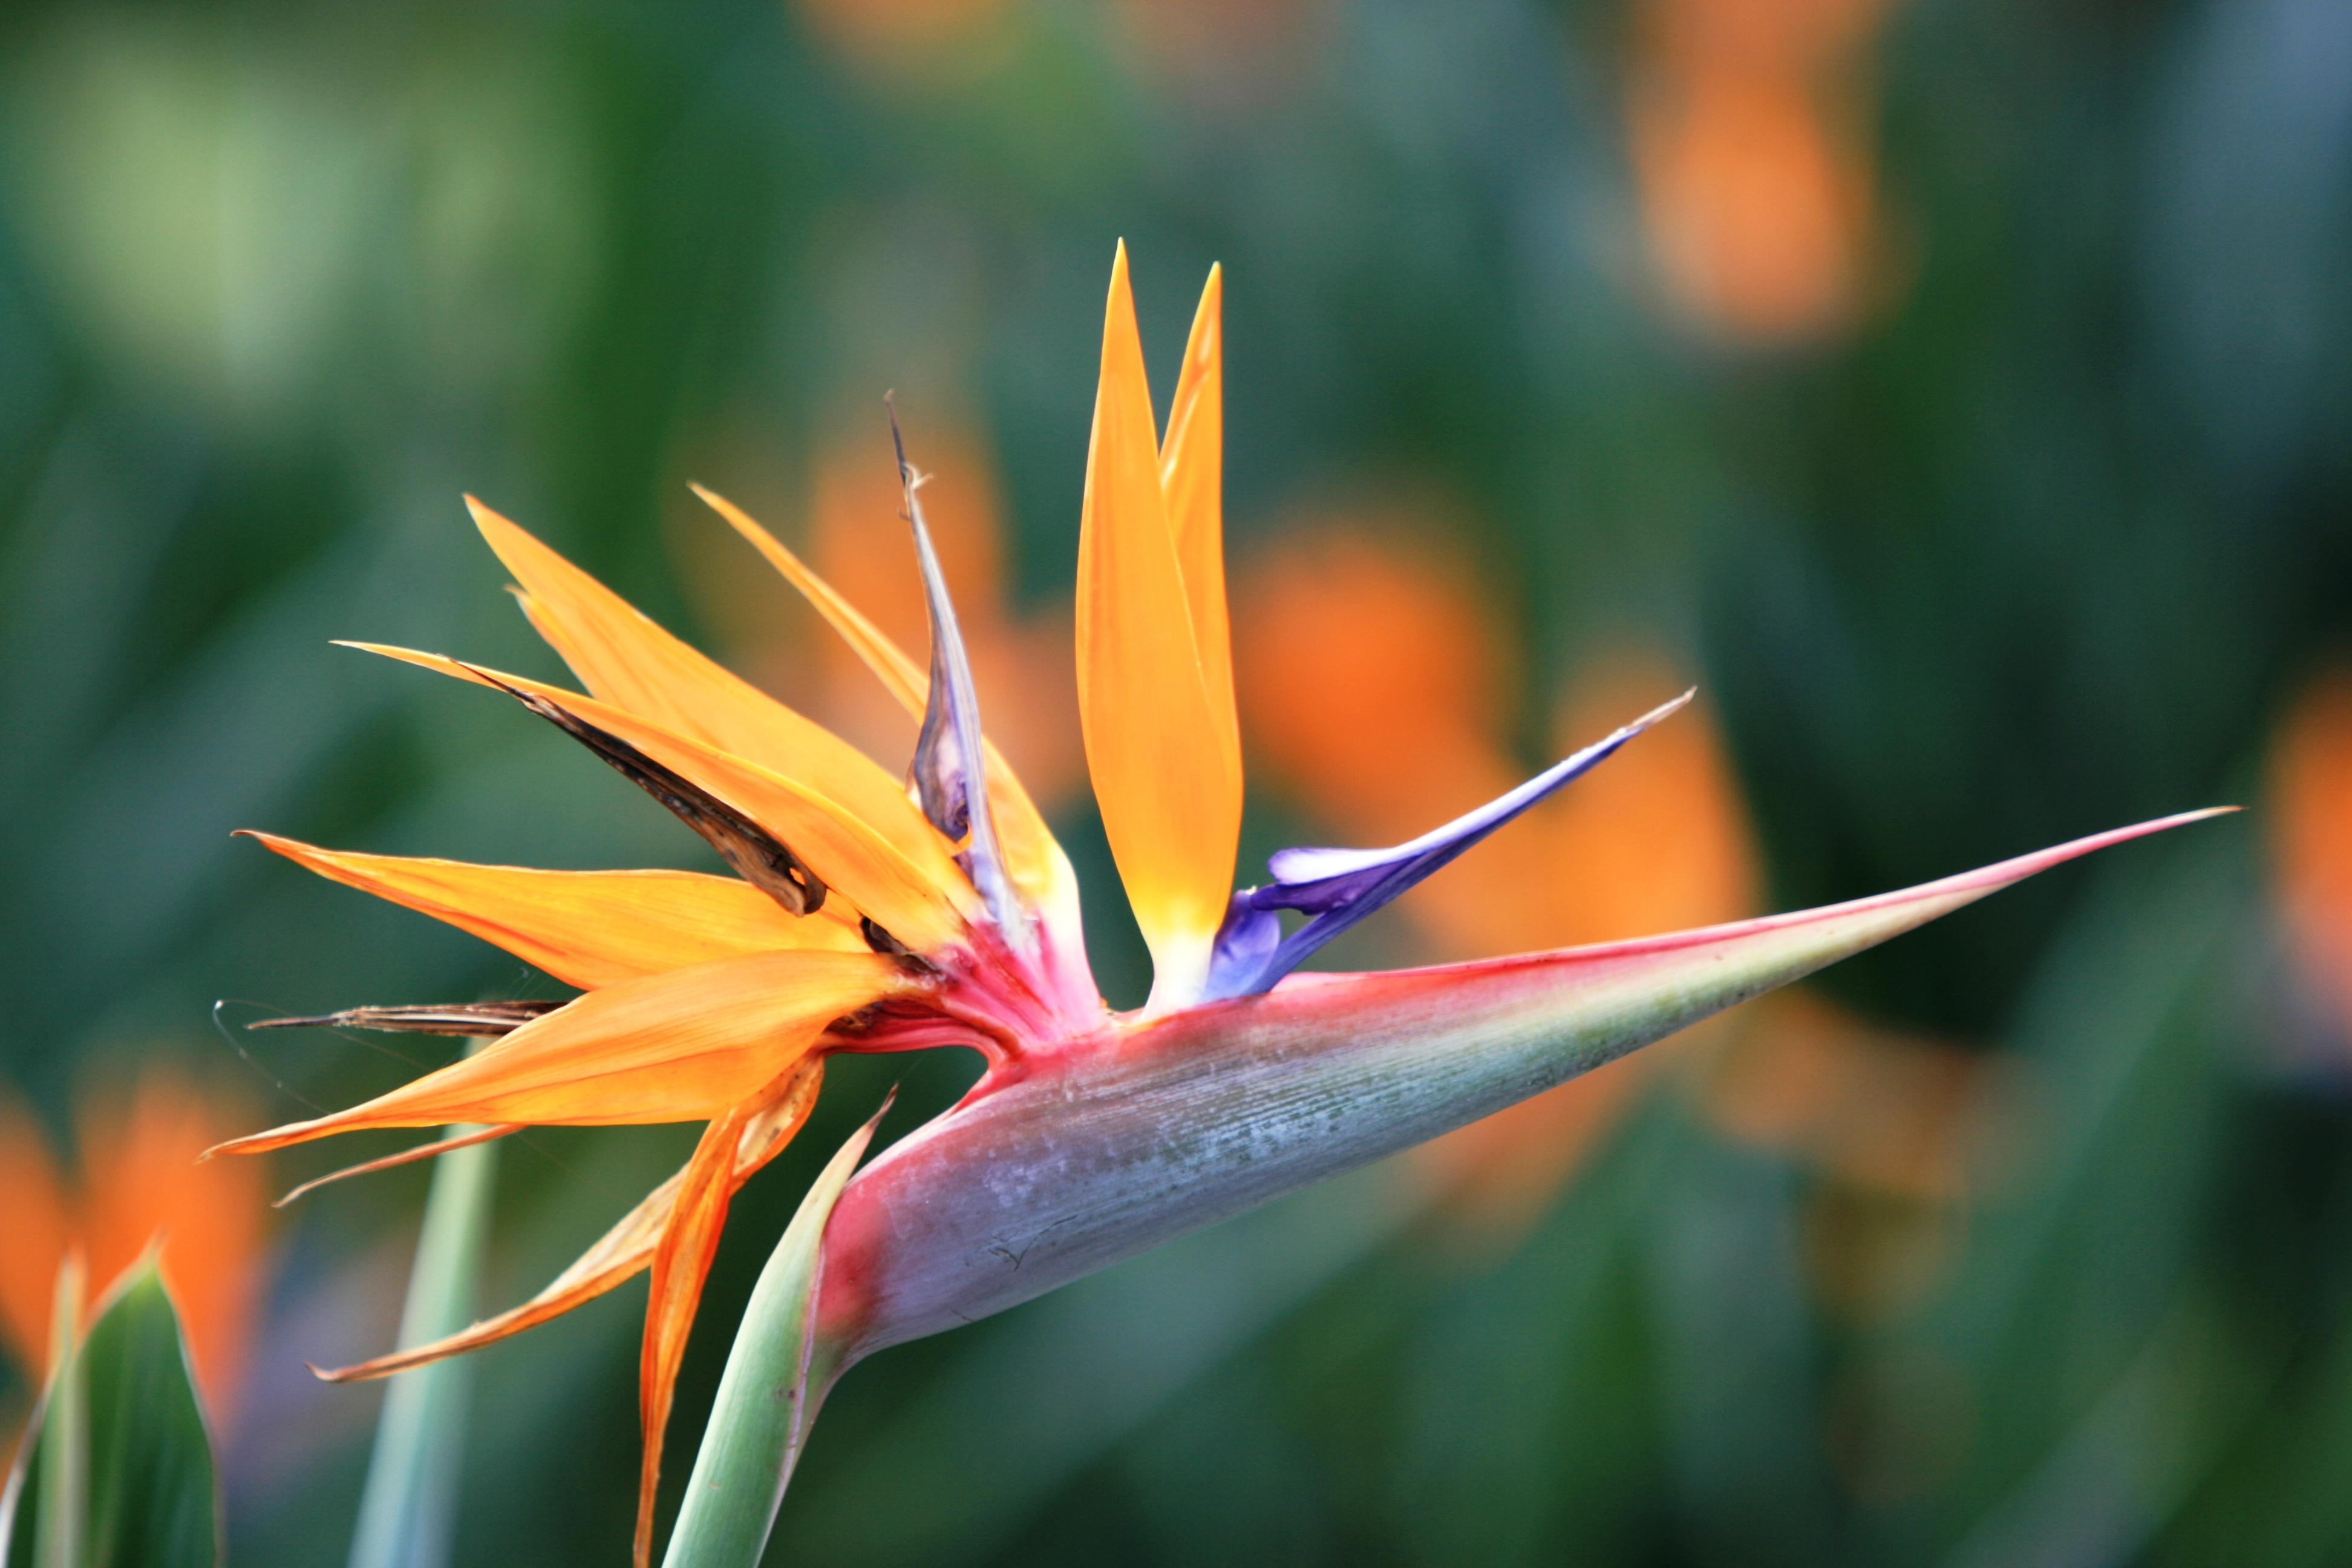 Bất ngờ: Loài hoa thiên yểu đẹp rực rỡ có thể ảnh hưởng đến hệ tiêu hóa1